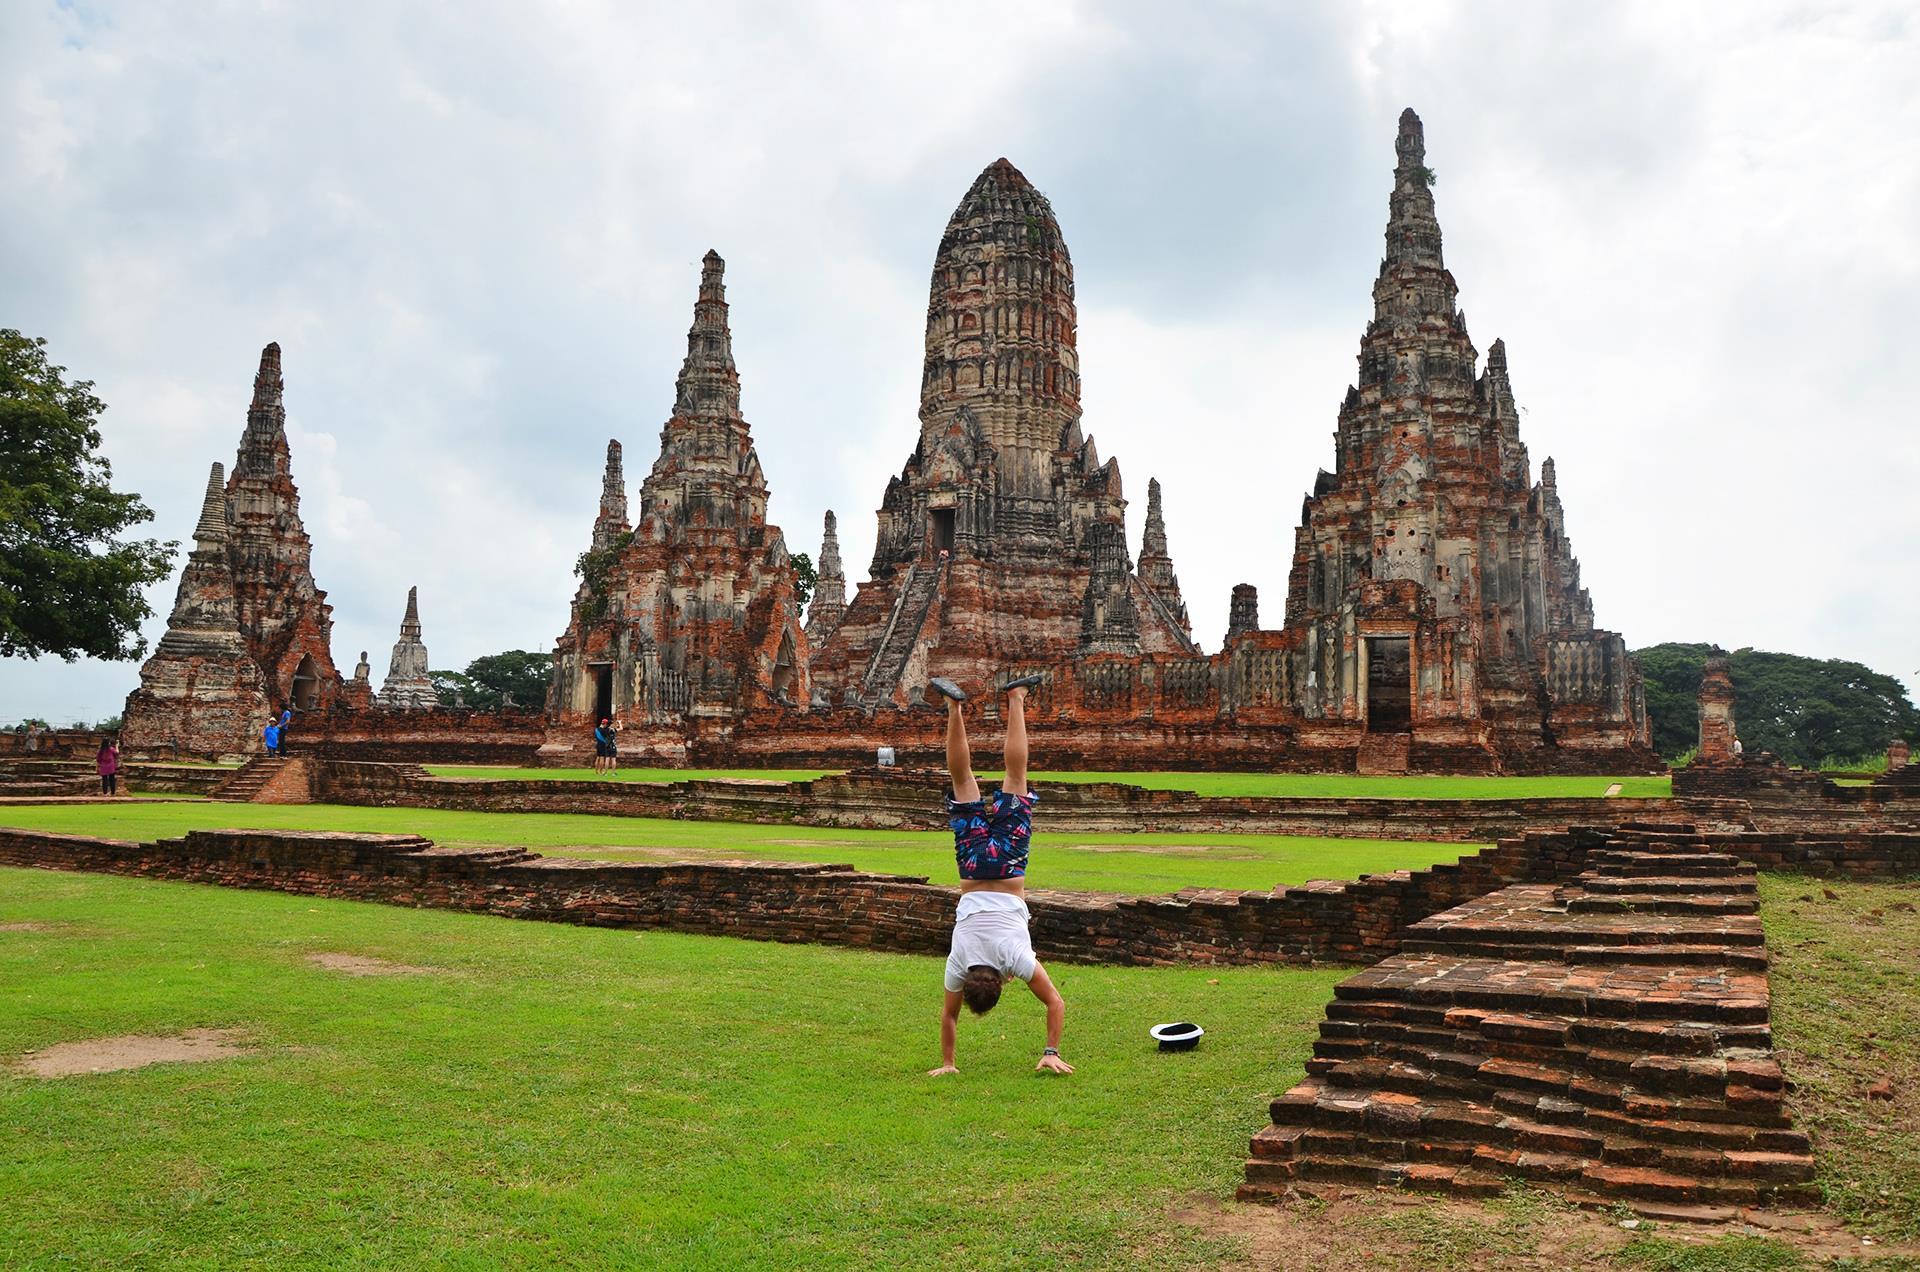 AYUTTHAYA, THAJSKO 80 kilometrov od Bangkoku je takéto mesto plné chrámov. V dávnych dobách to bolo najväčšie mesto na svete. Podnikli sme nízkorozpočtový trip z Bangkoku. Vlakom v tretej triede, na mieste sme si požičali bicykle a na jedenie sme kúpili kilo banánov. Dokopy asi 5 eur na osobu.